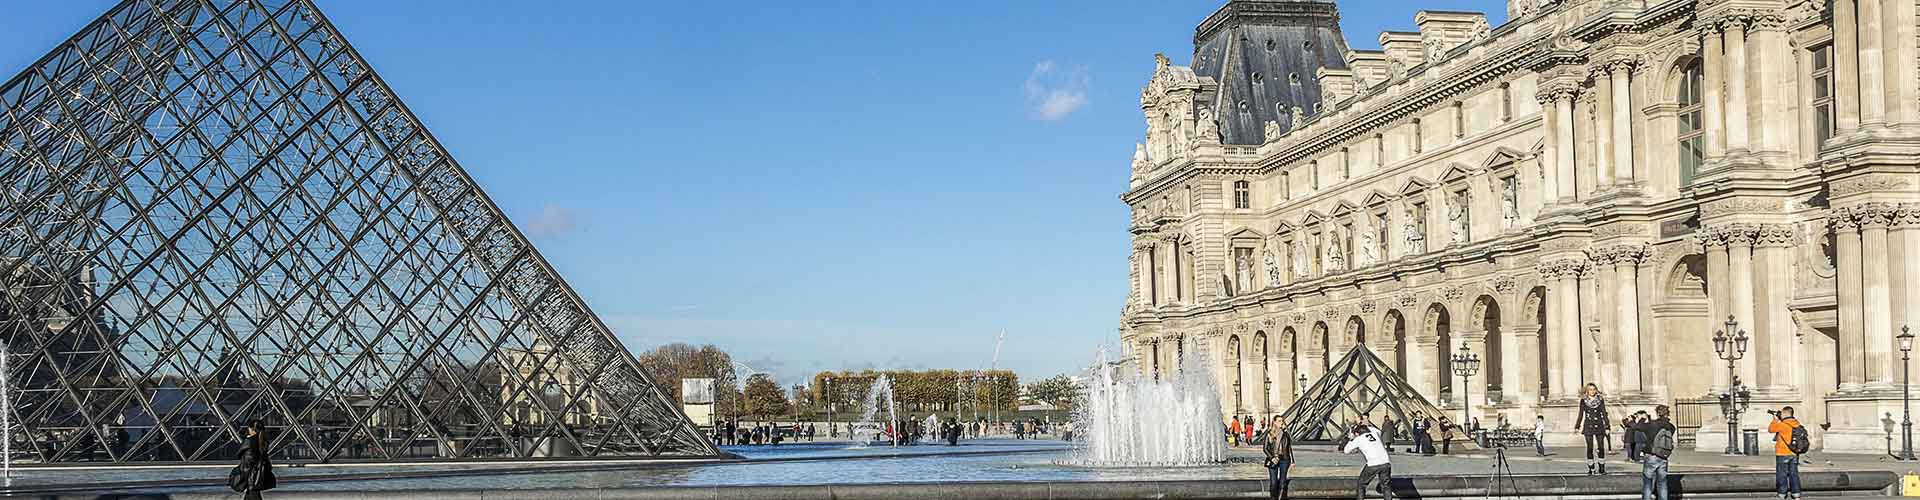 파리 - 지붕 창문에 가까운 호스텔. 파리의 지도, 파리에 위치한 호스텔에 대한 사진 및 리뷰.